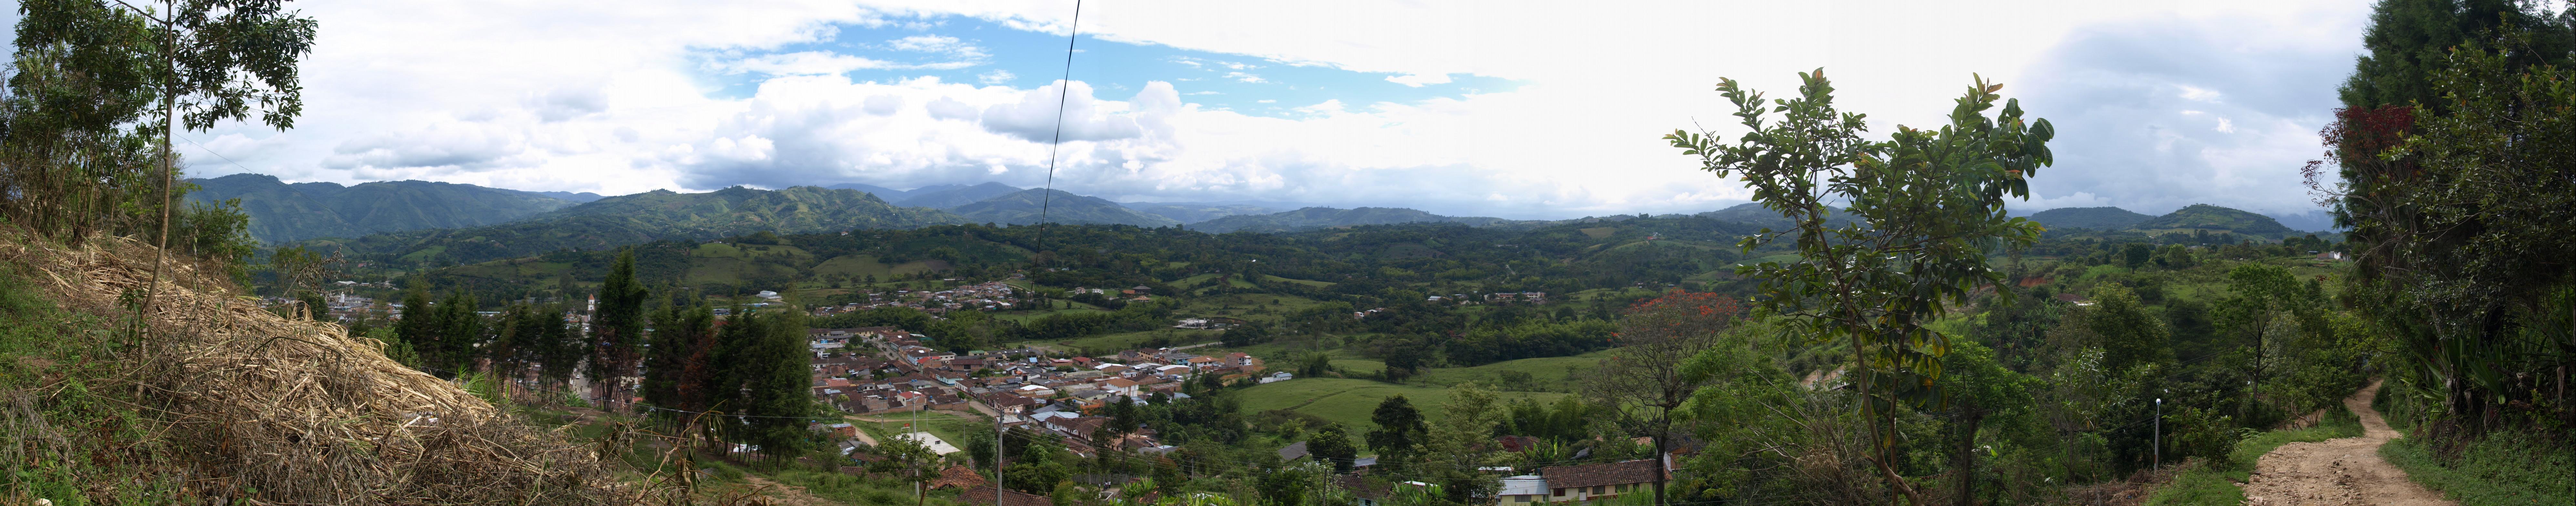 P5122672 pano San Agustín Colombia